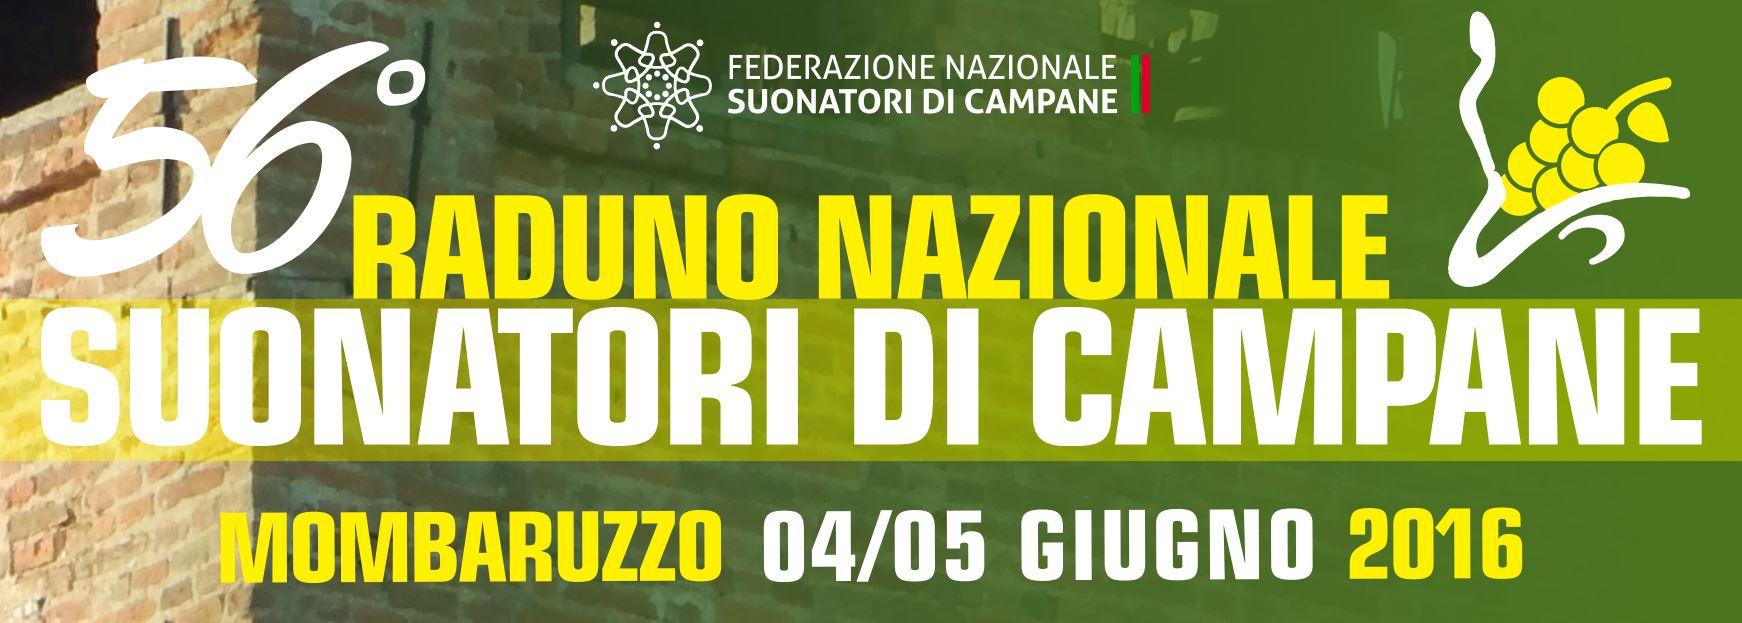 Suono Di Campane A Festa.56 Raduno Nazionale Suonatori Di Campane Campanari Del Monferrato